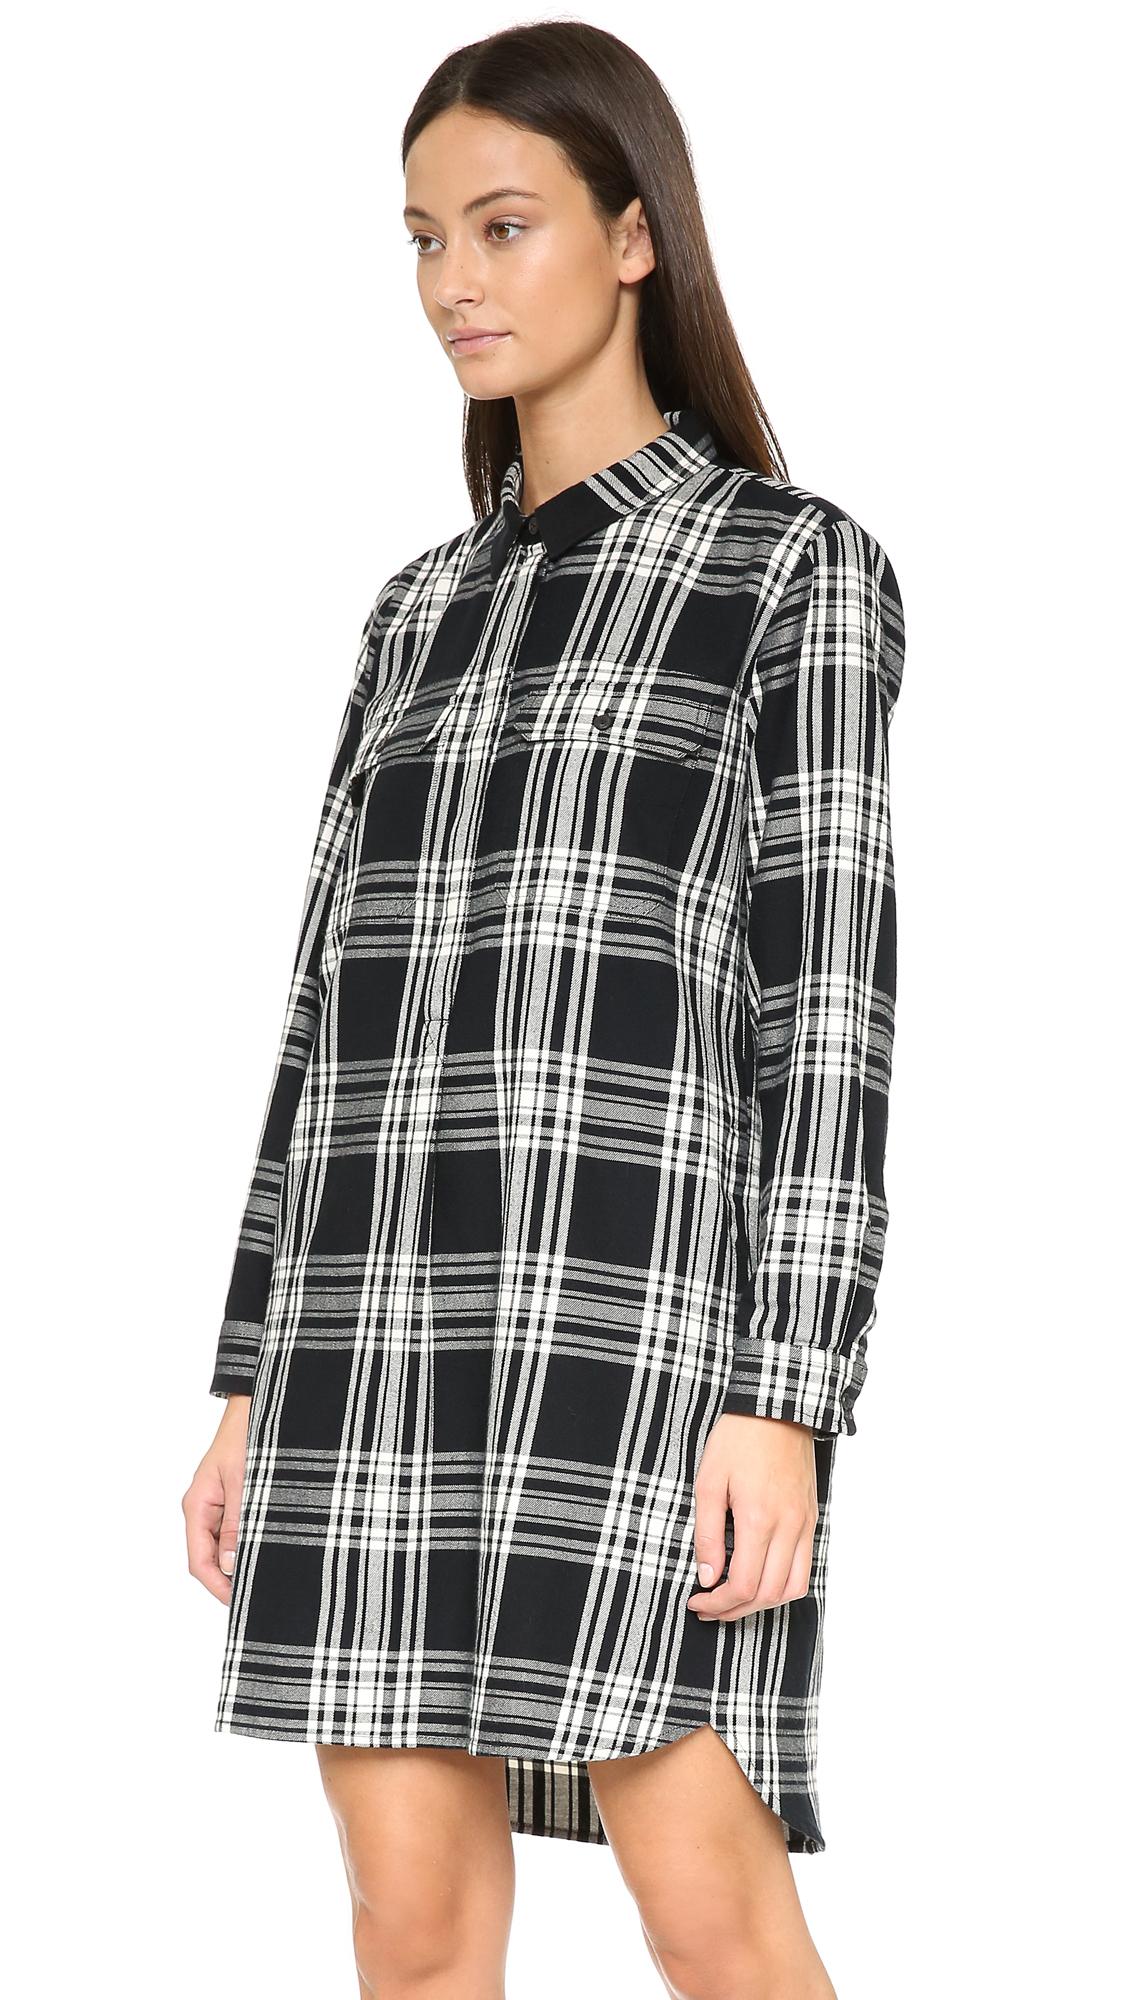 Double shirt dress design - Gallery